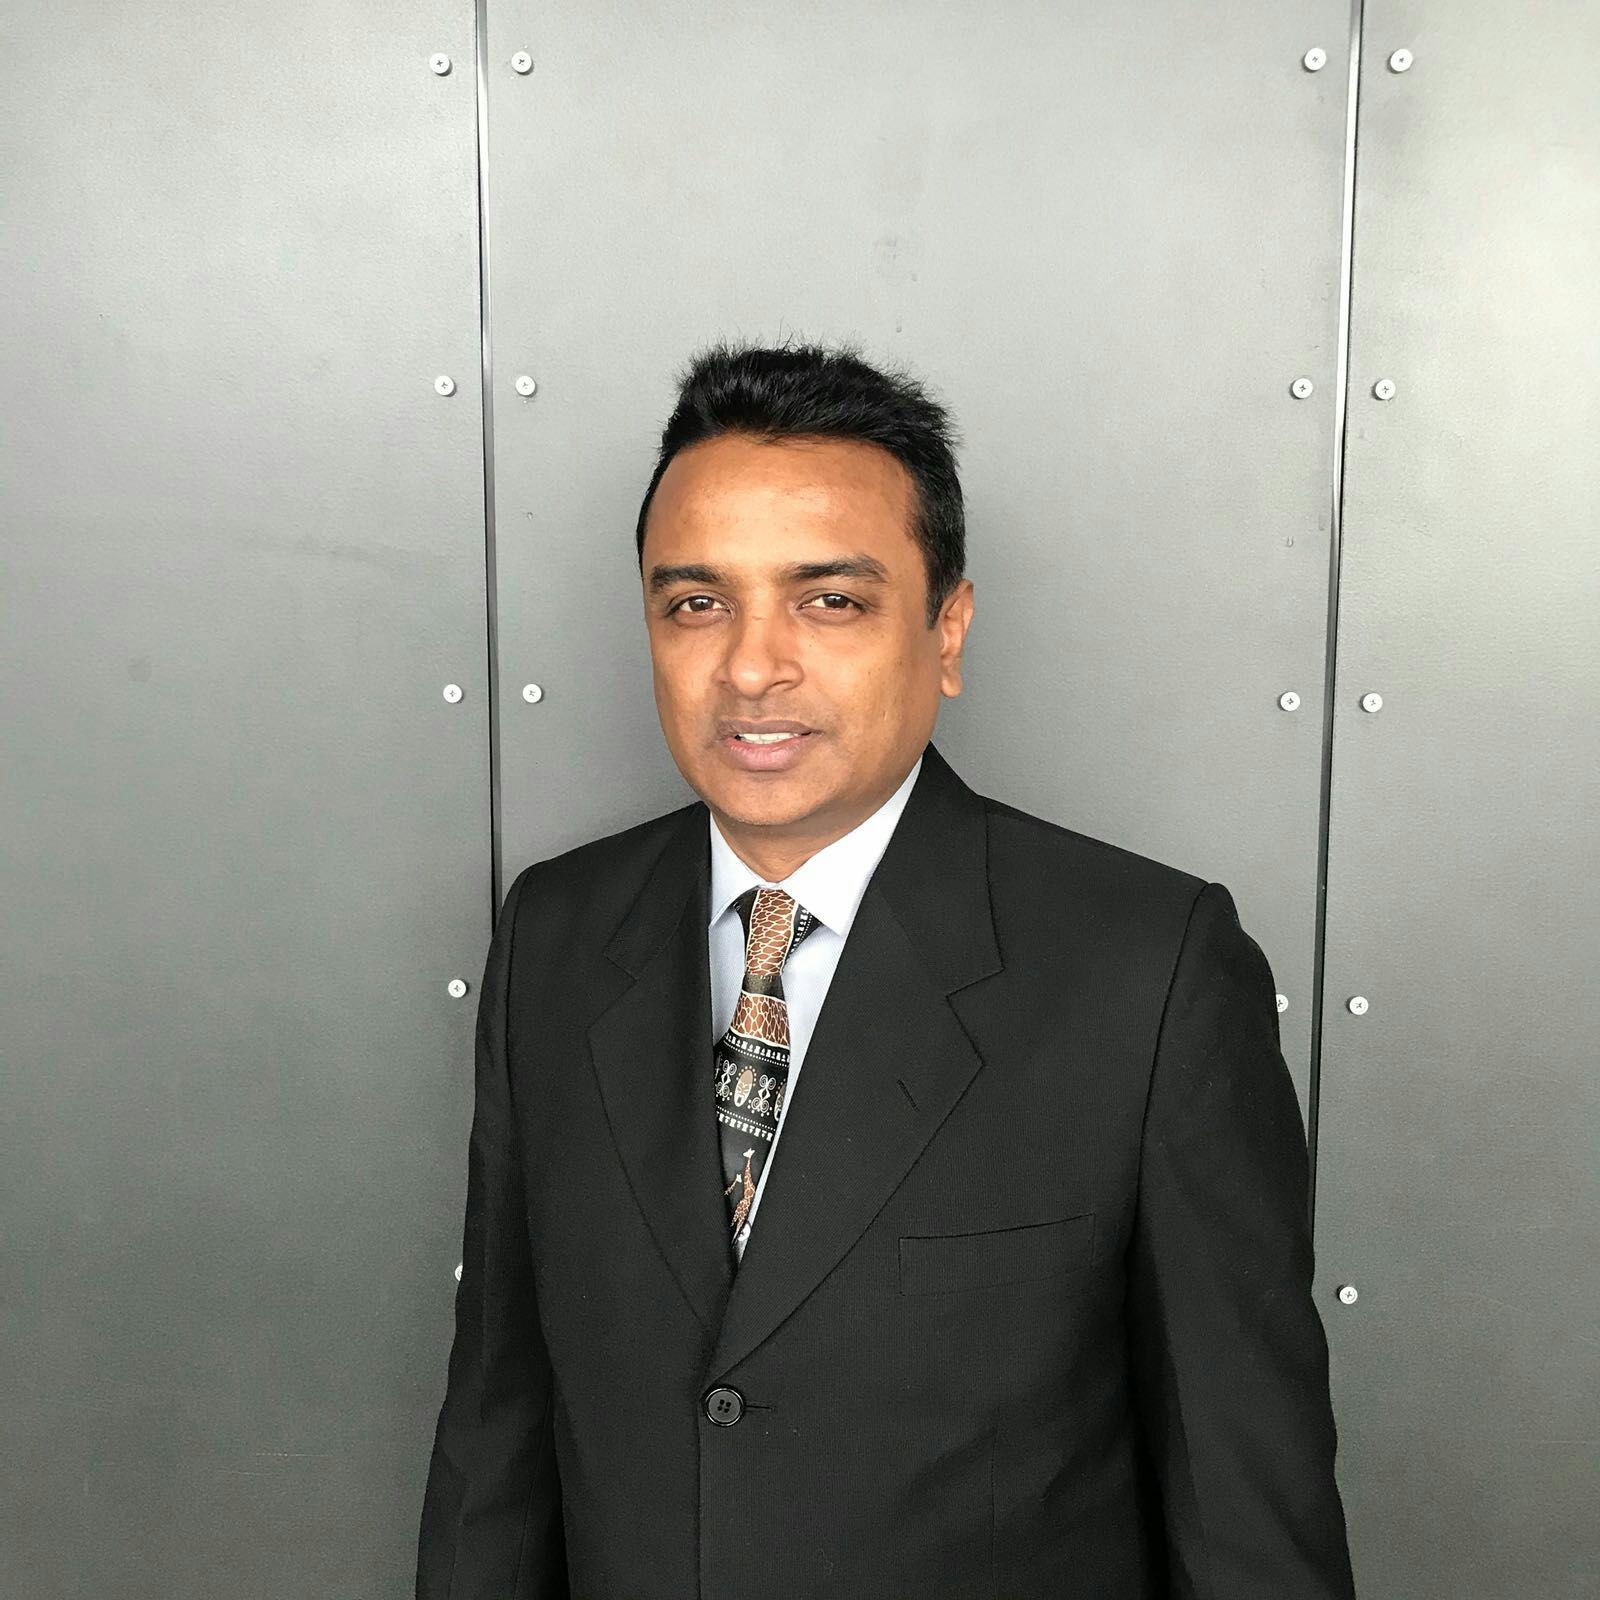 Eddy Patel